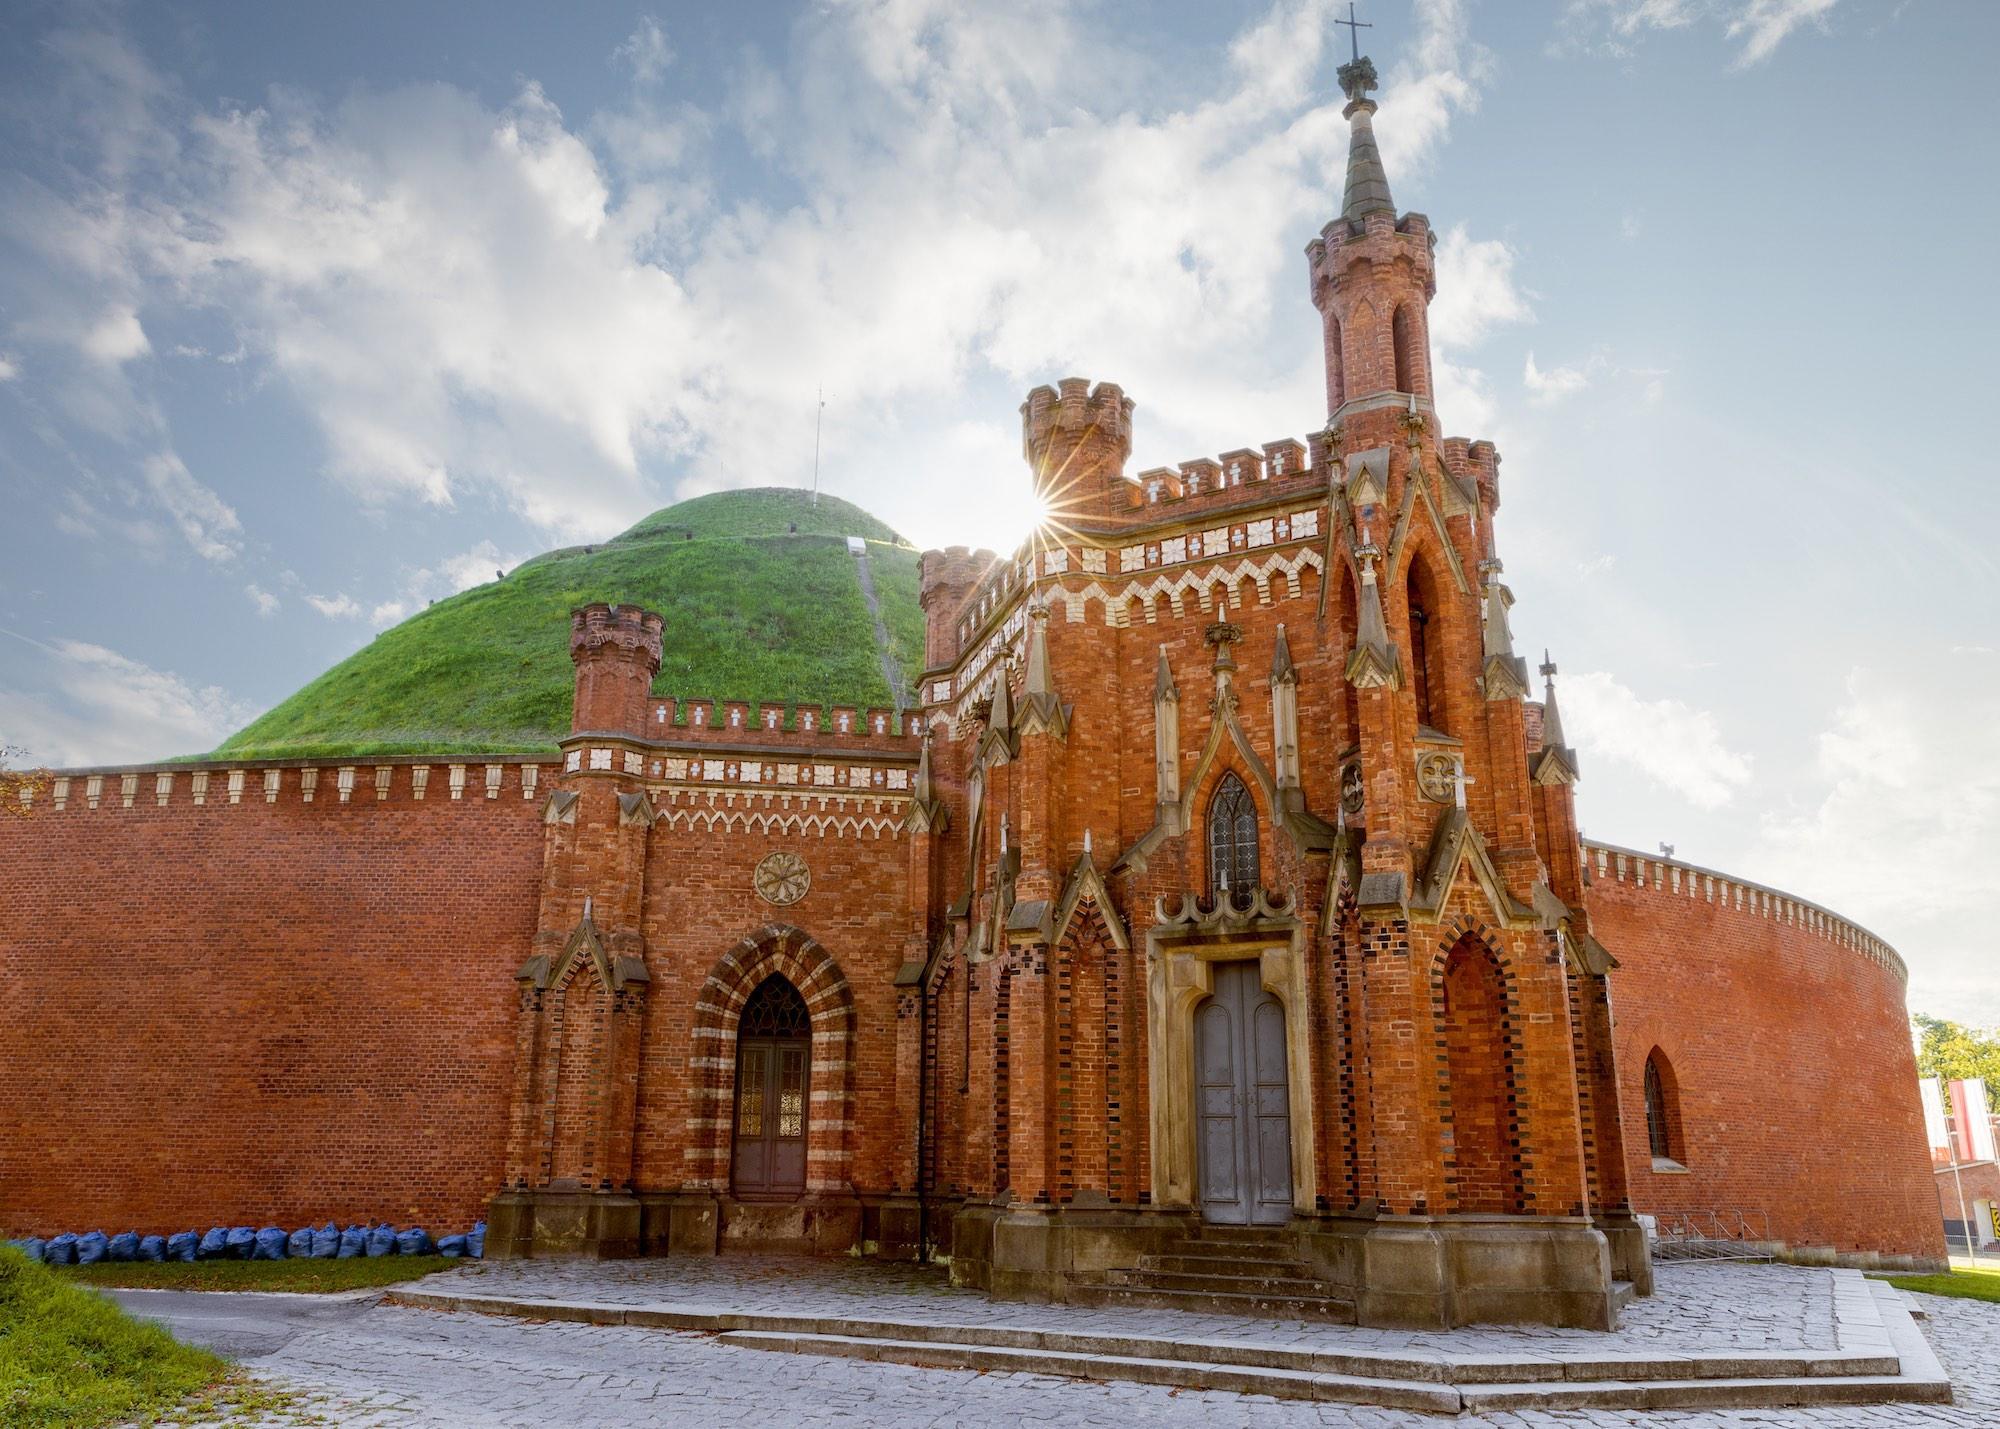 The citadel fort surrounding Kosciuszko mound. – © mikolajn / Shutterstock